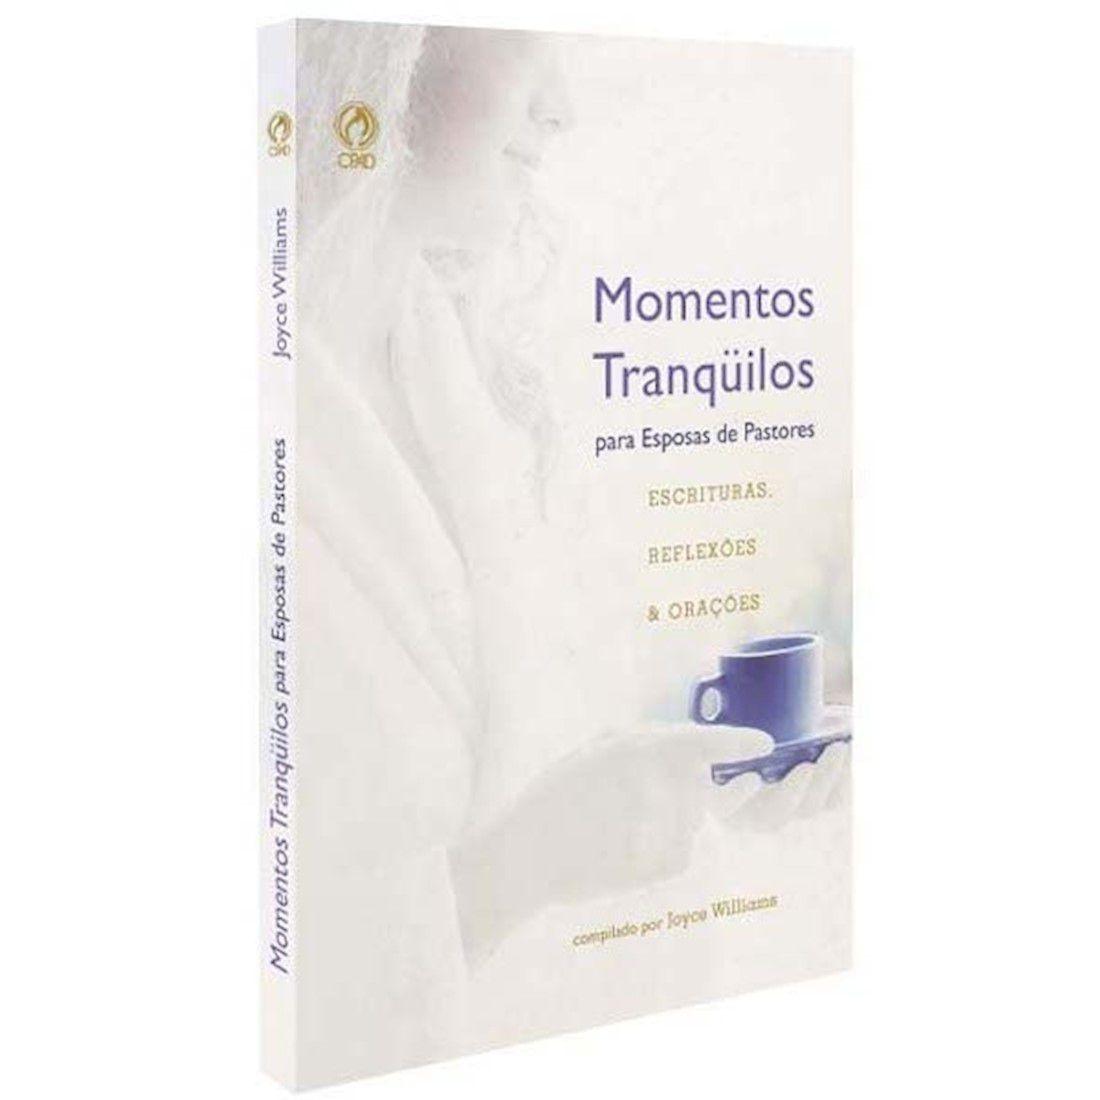 Livro Momentos Tranquilos para Esposas de Pastores